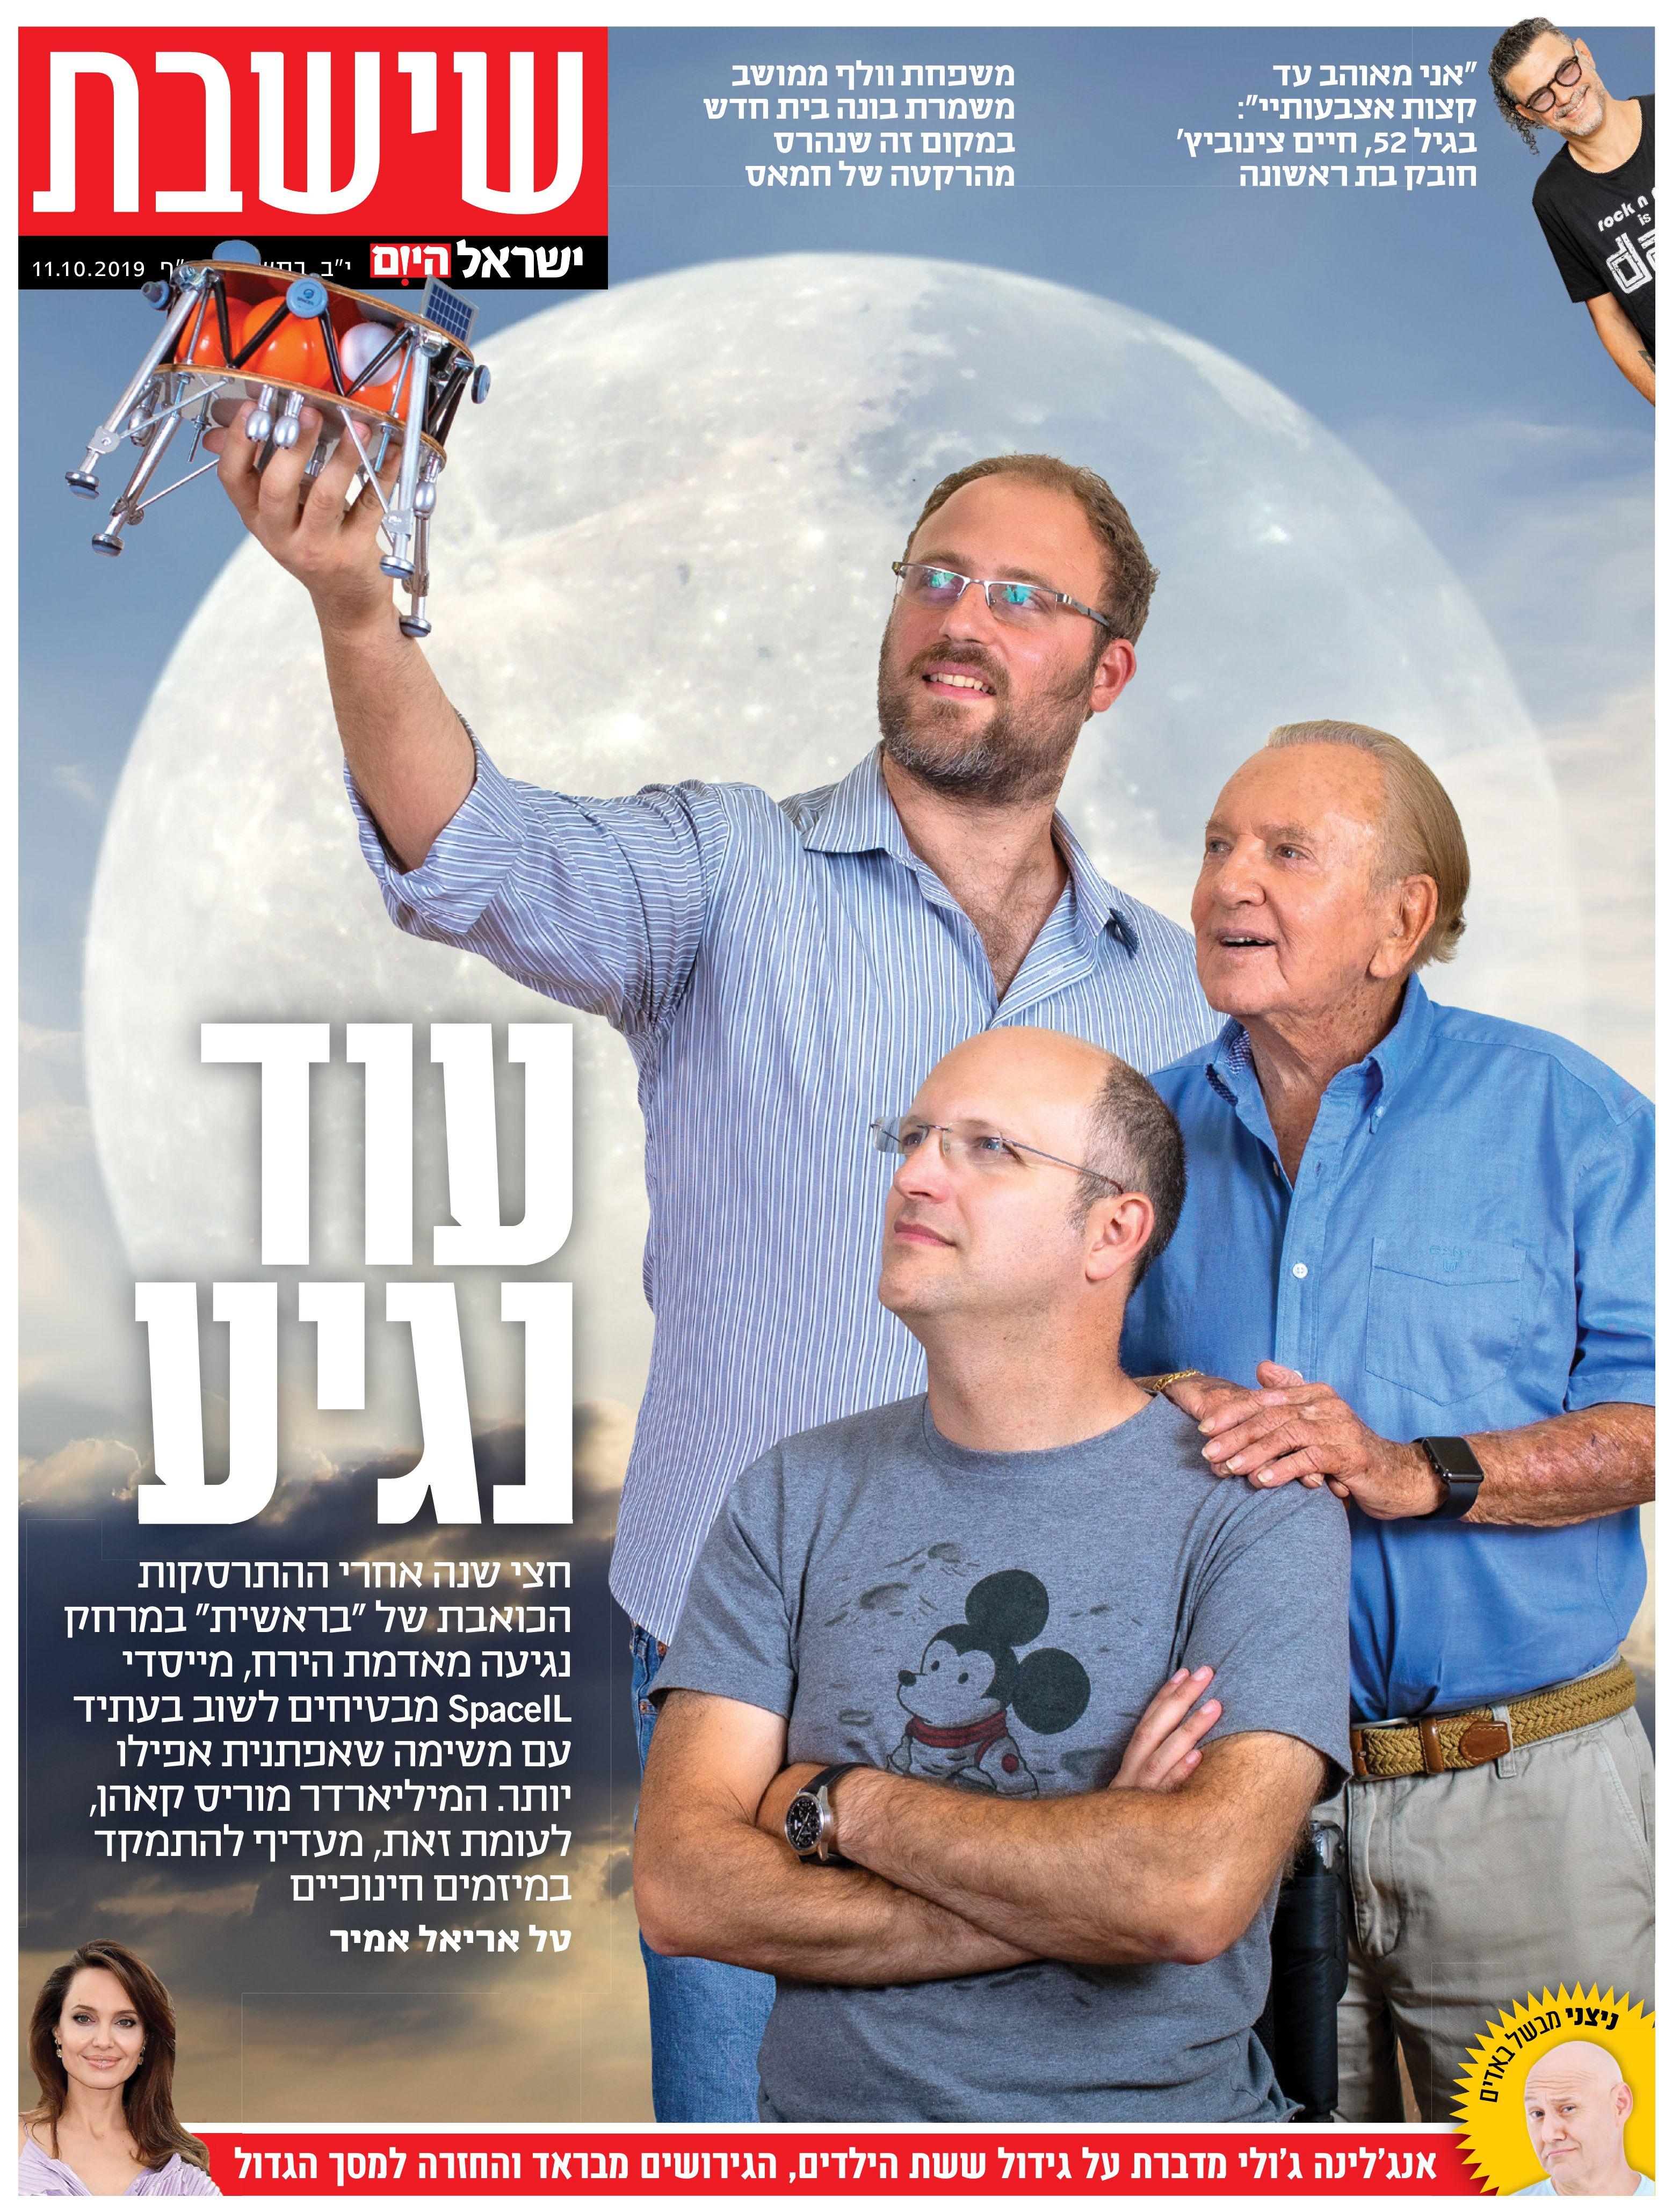 תמונה מתוך הכתבה על תוכנית עם ספייס איי אל בישראל היום